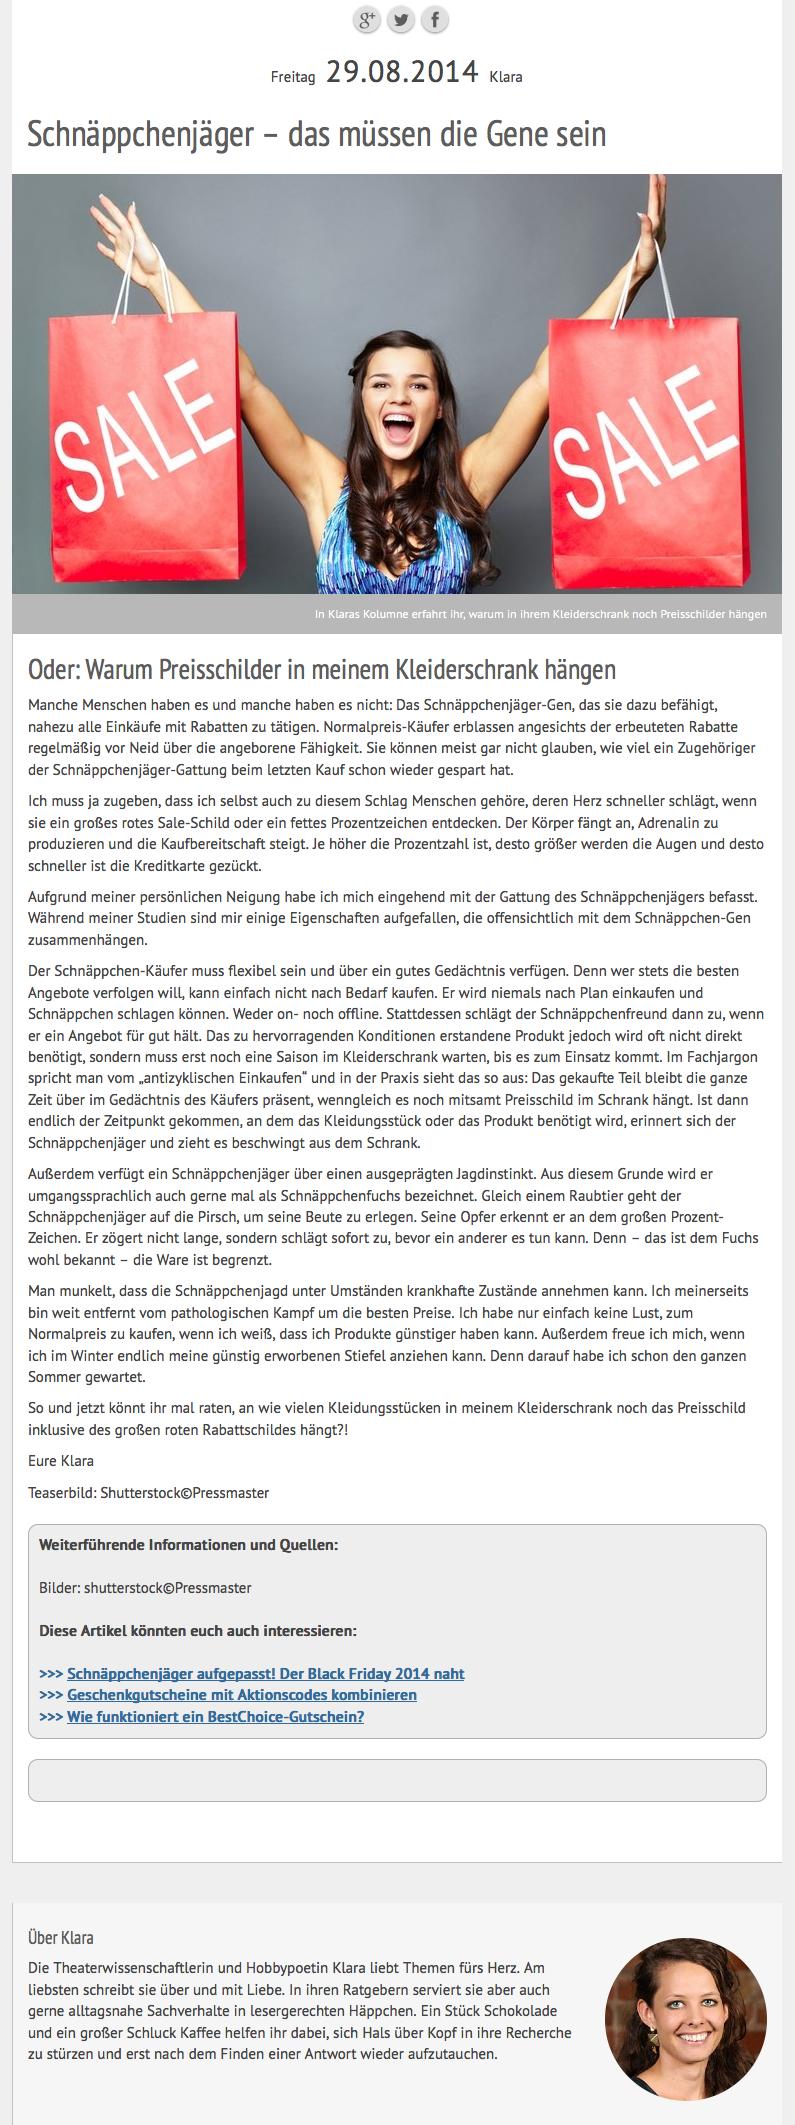 Klaras Kolumne über das Schnäppchenjäger-Gen 2015-10-19 11-30-53